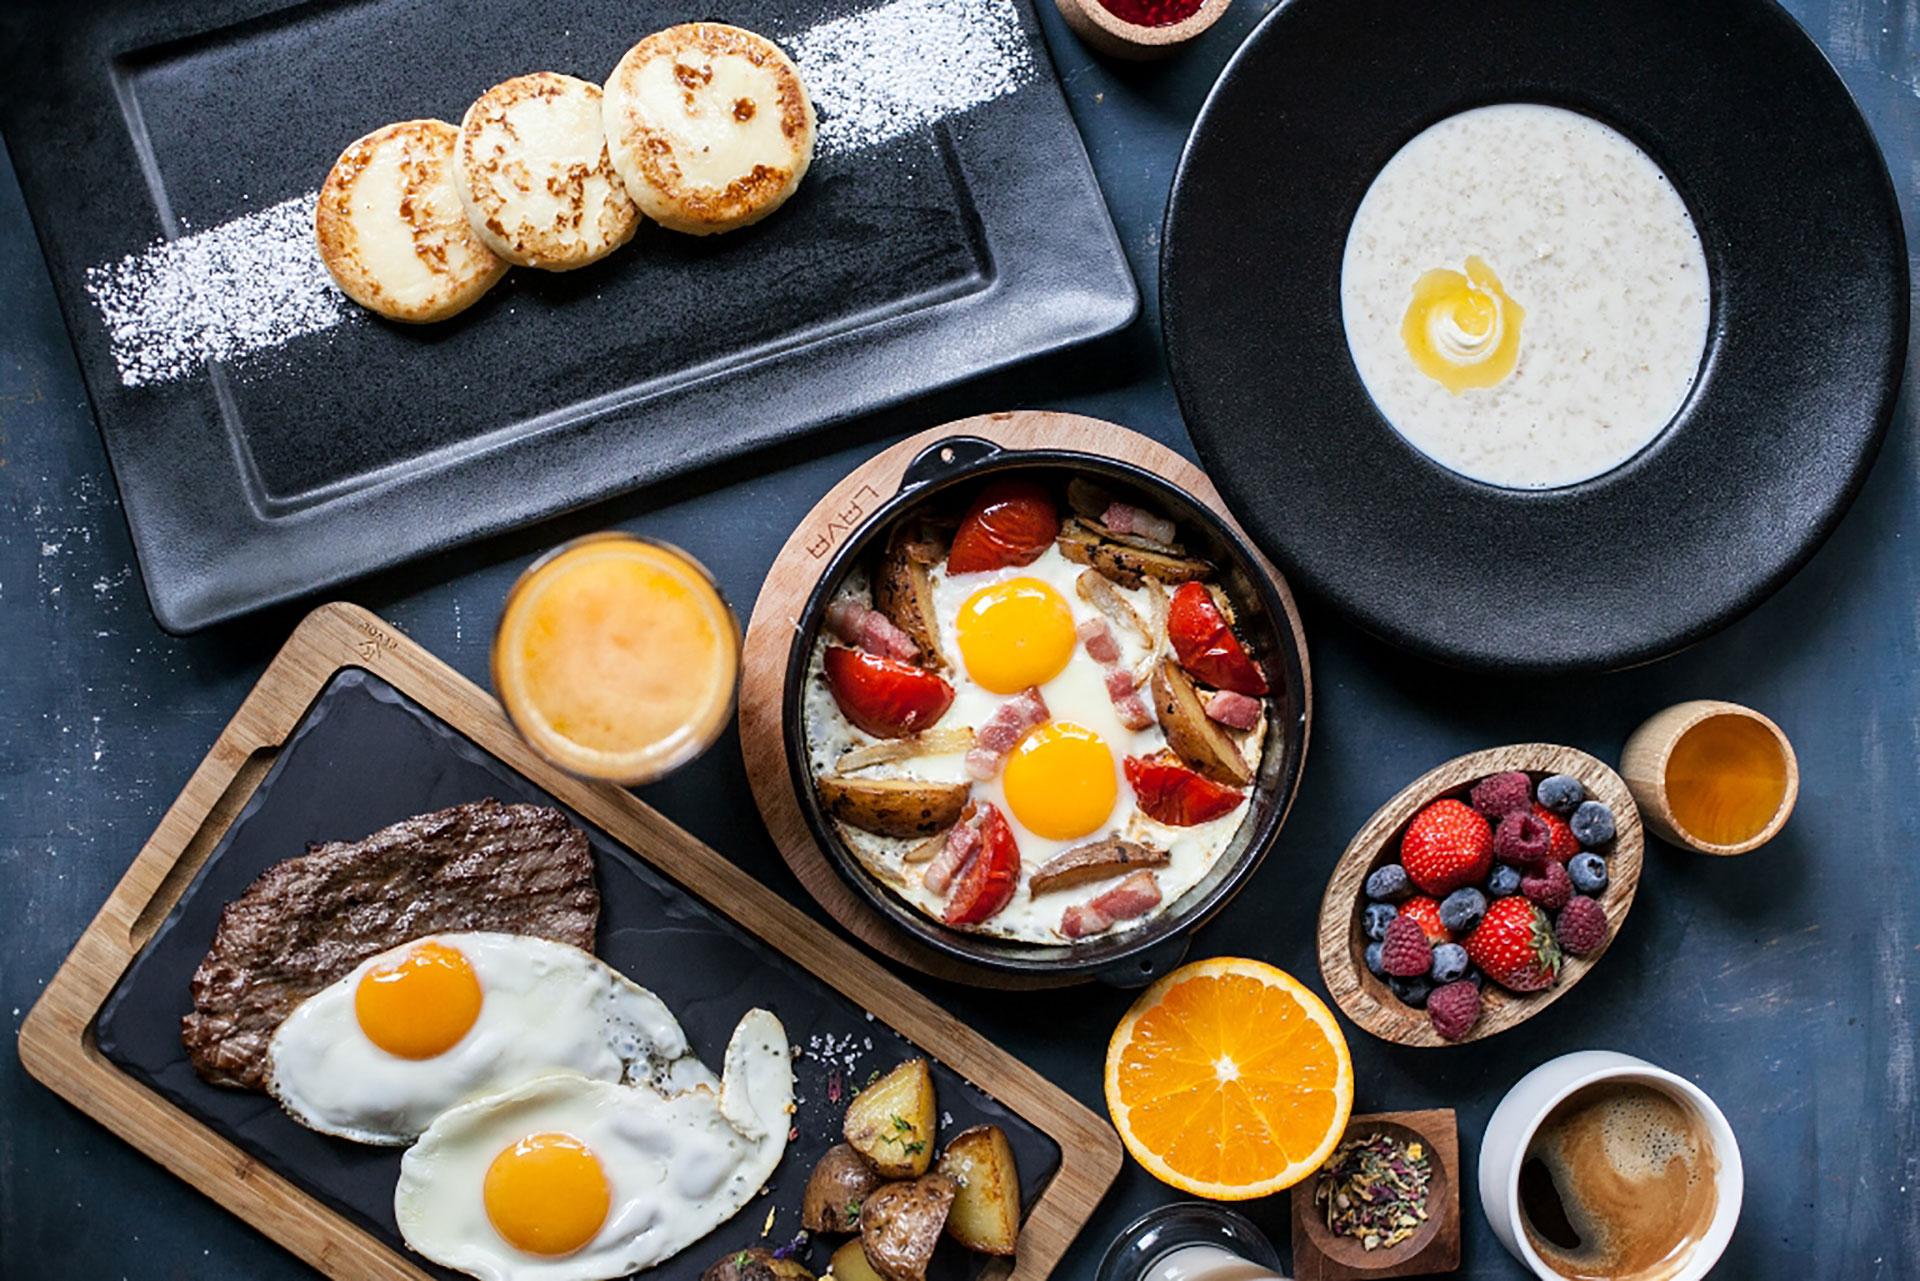 Правильный завтрак для здоровья и что можно приготовить на завтрак